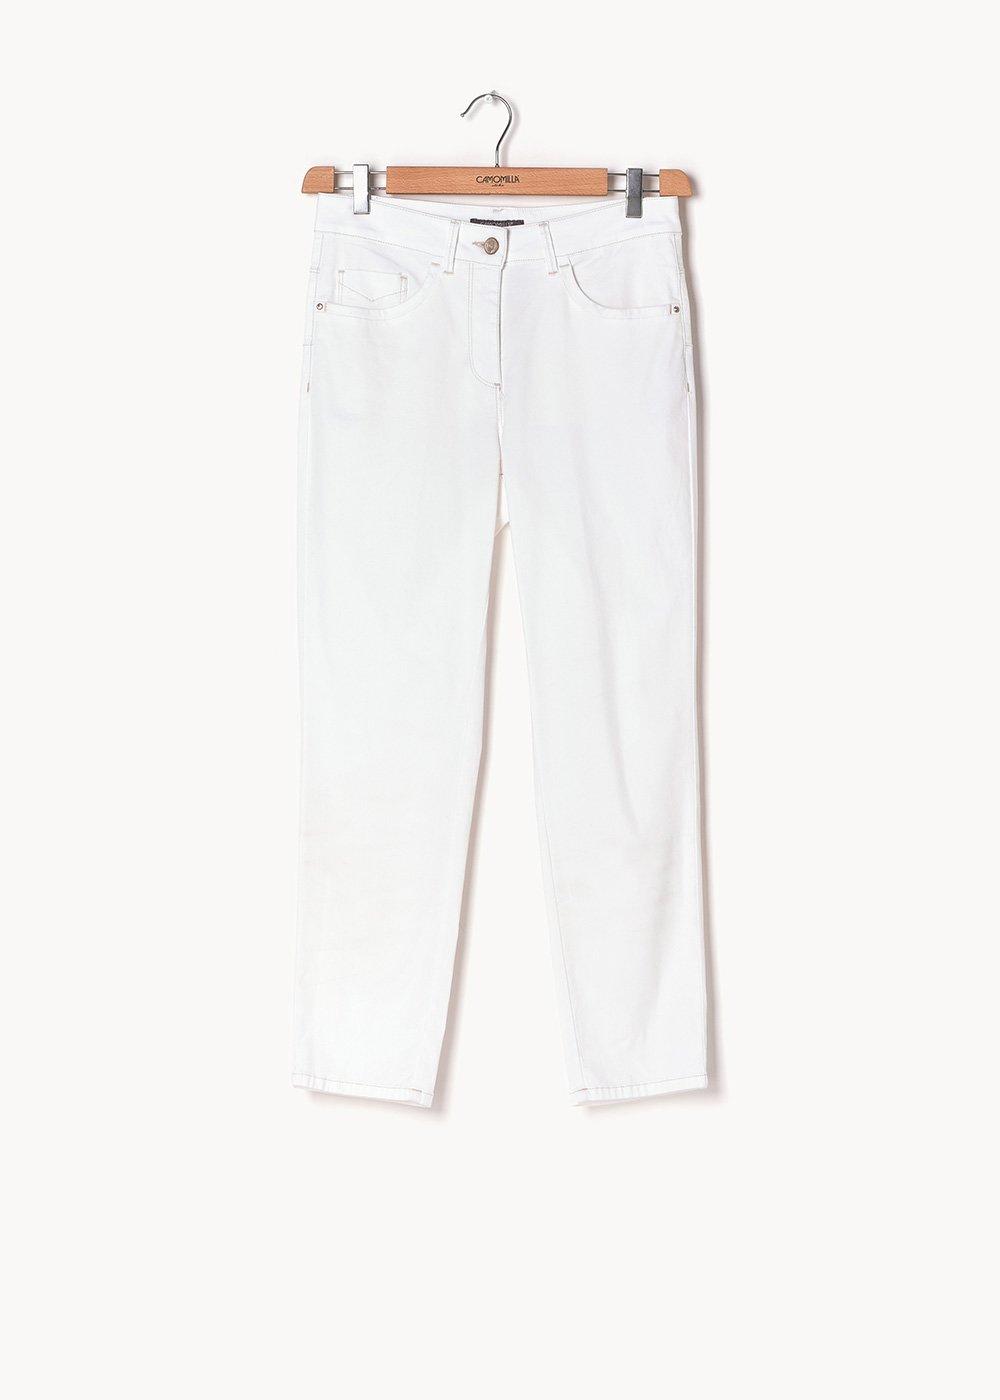 Pantalone Priamo in tessuto nido d'ape in cotone - White - Donna